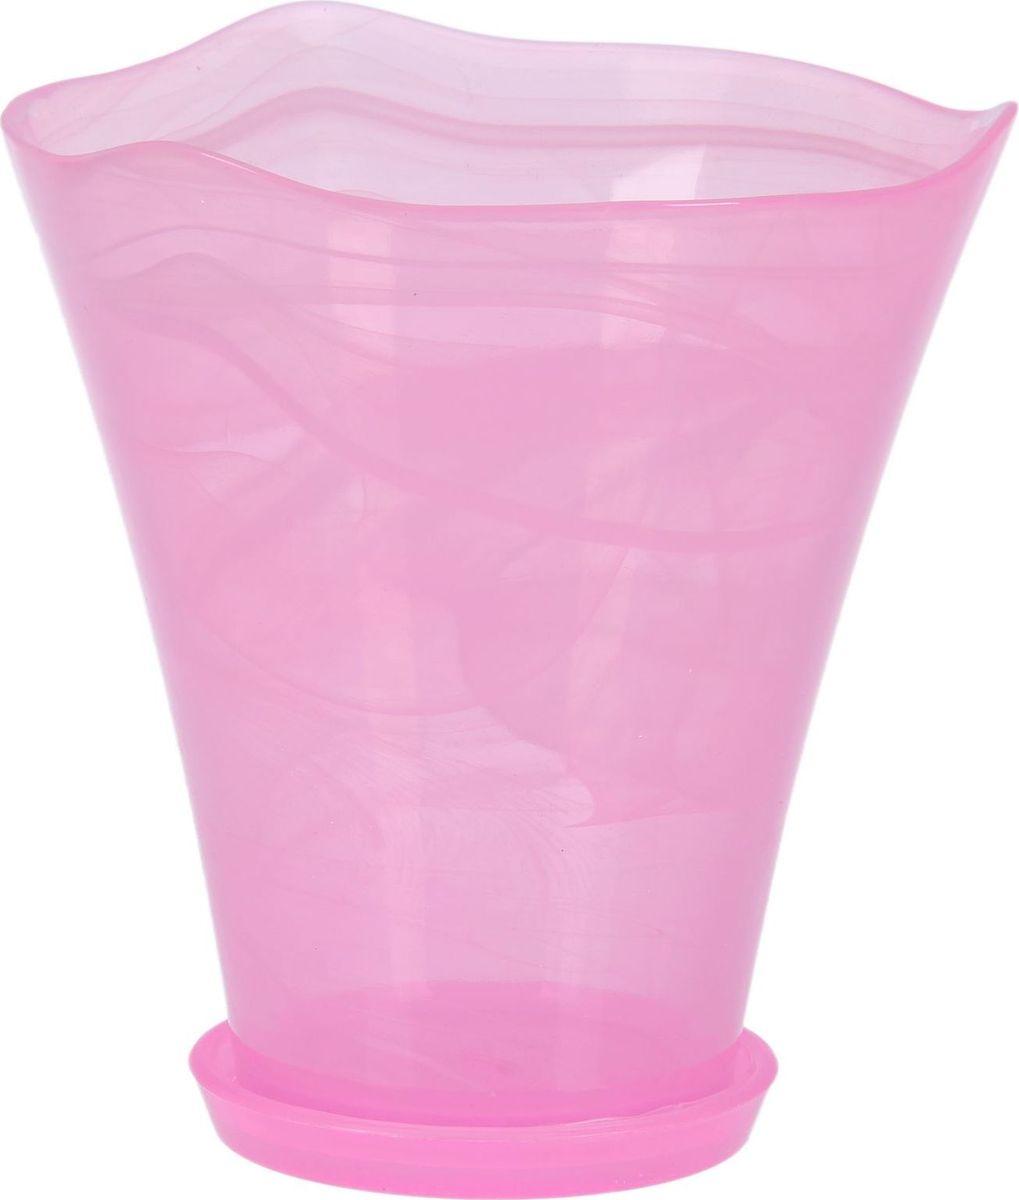 Кашпо NiNaGlass Кристина, с поддоном, цвет: розовый, 19 х 19 х 22 см1428547Комнатные растения — всеобщие любимцы. Они радуют глаз, насыщают помещение кислородом и украшают пространство. Каждому цветку необходим свой удобный и красивый дом. Из-за прозрачности стекла такие декоративные вазы для горшков пользуются большой популярностью для выращивания орхидей. #name# позаботится о зелёном питомце, освежит интерьер и подчеркнёт его стиль!